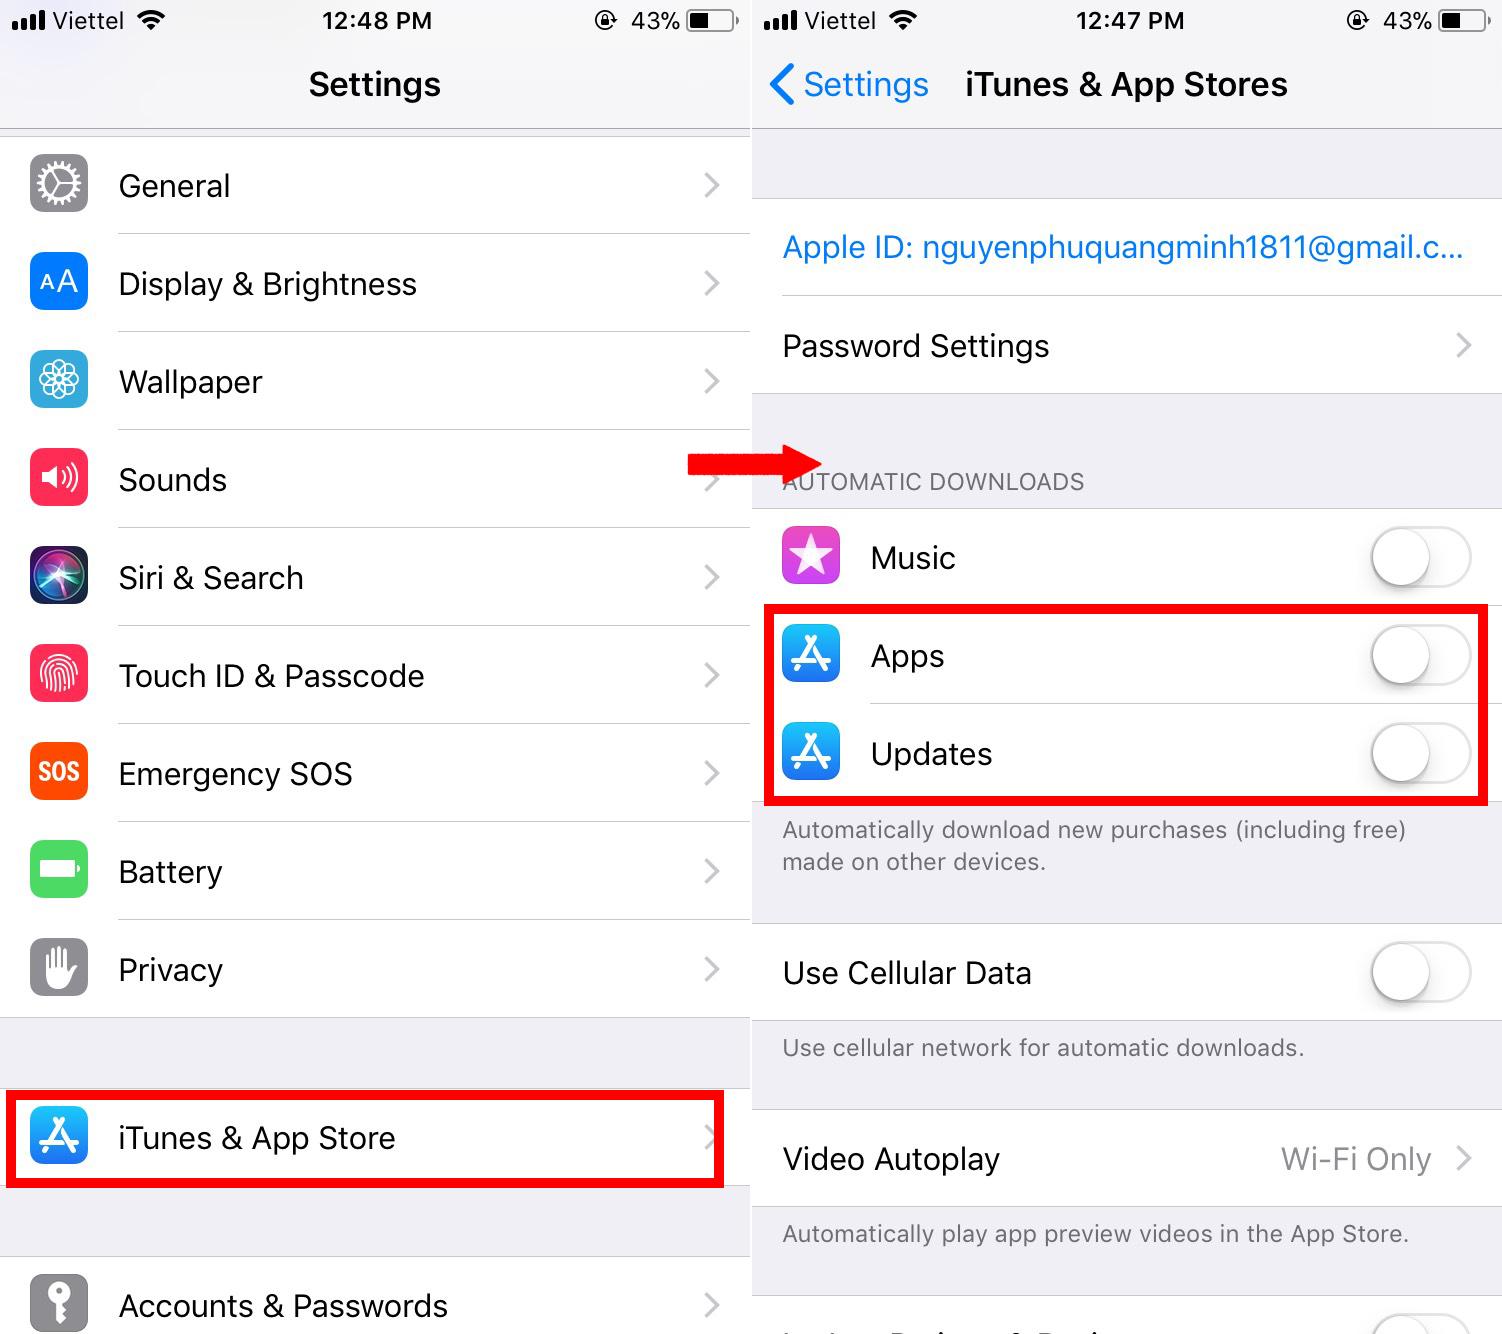 iPhone liên tục báo đầy bộ nhớ: Nguyên nhân và cách khắc phục từ A-Z - Ảnh 6.